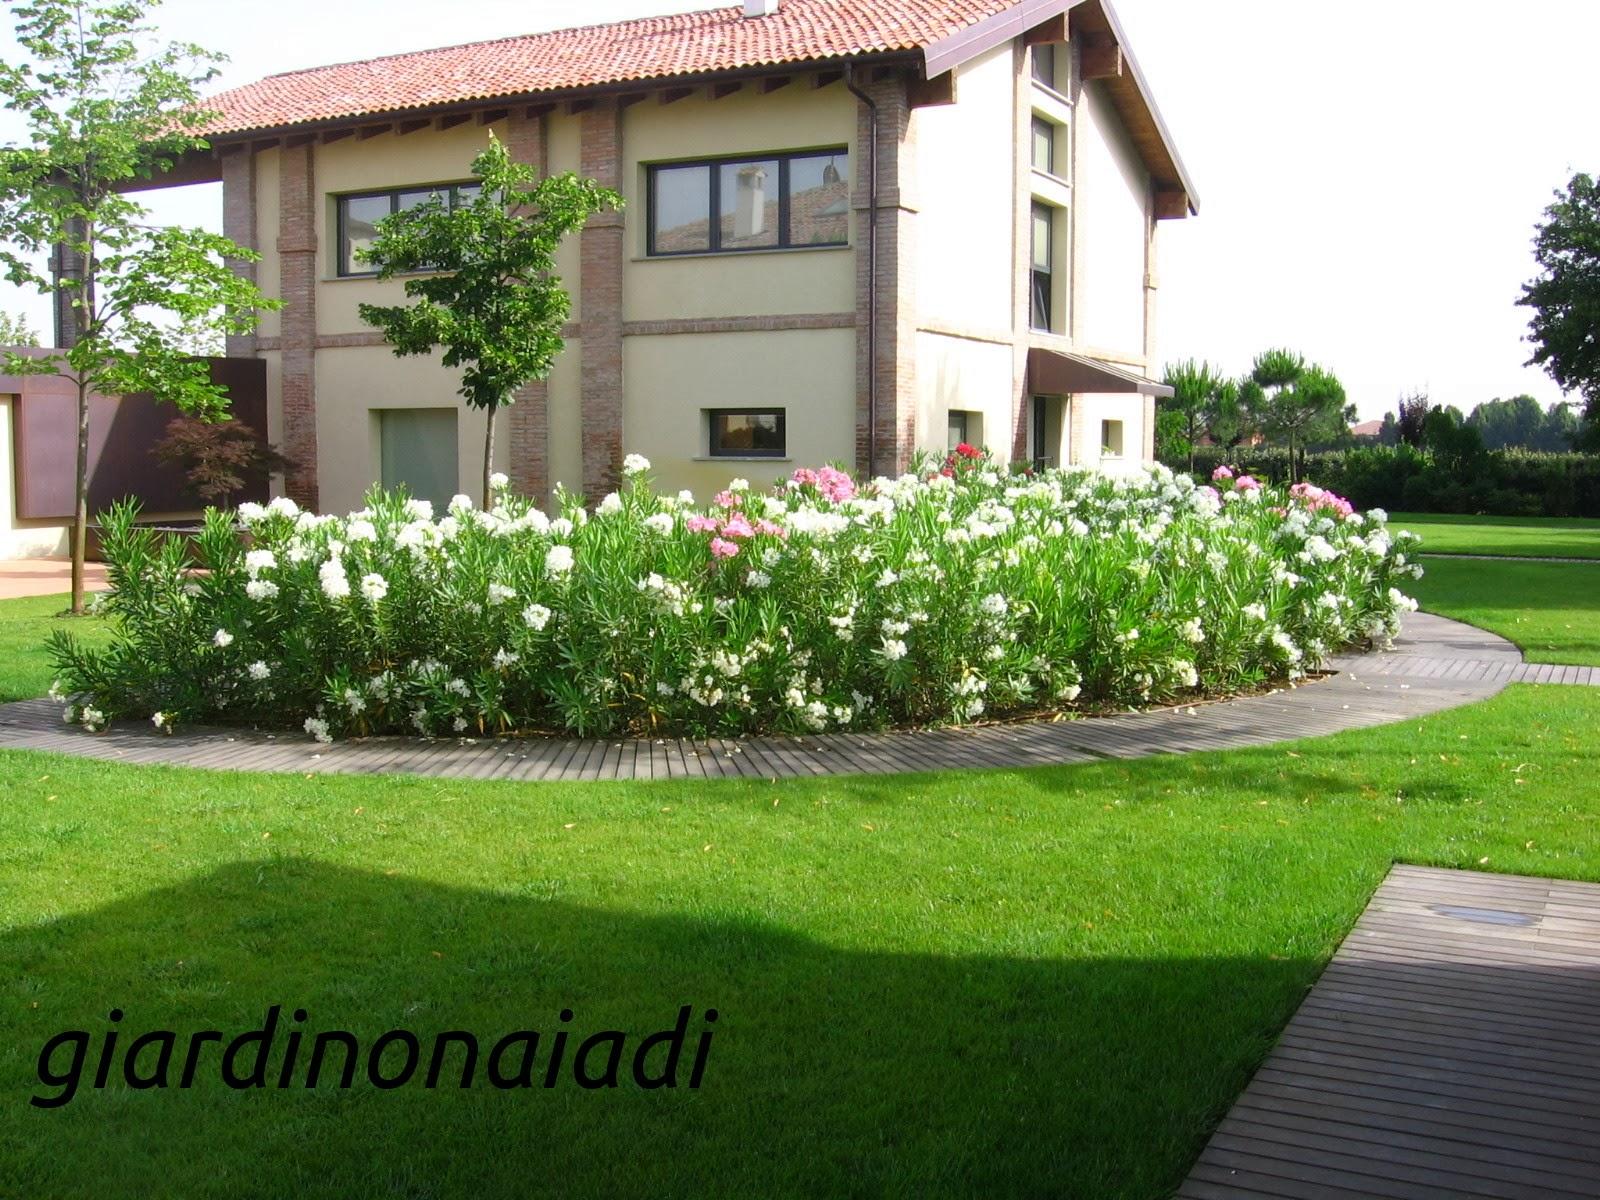 Il giardino delle naiadi progettare bordure e aiuole for Giardini e aiuole